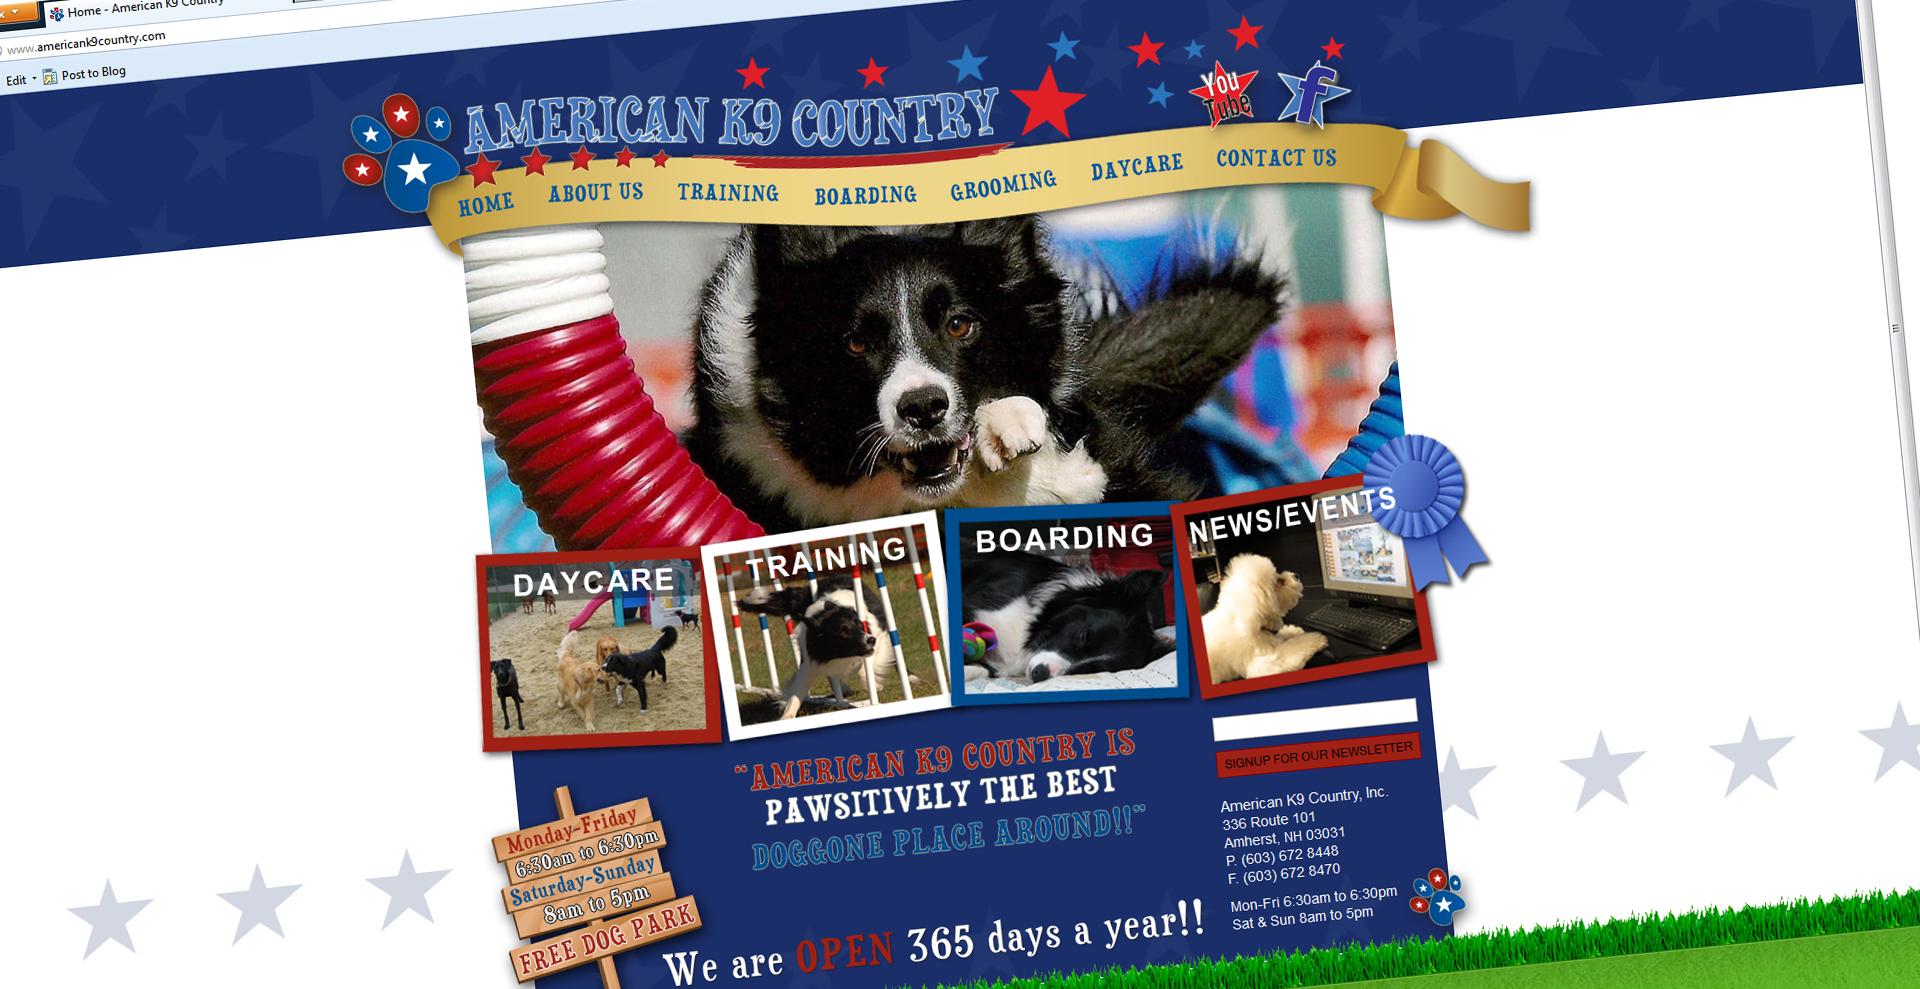 americank9countrywebsite